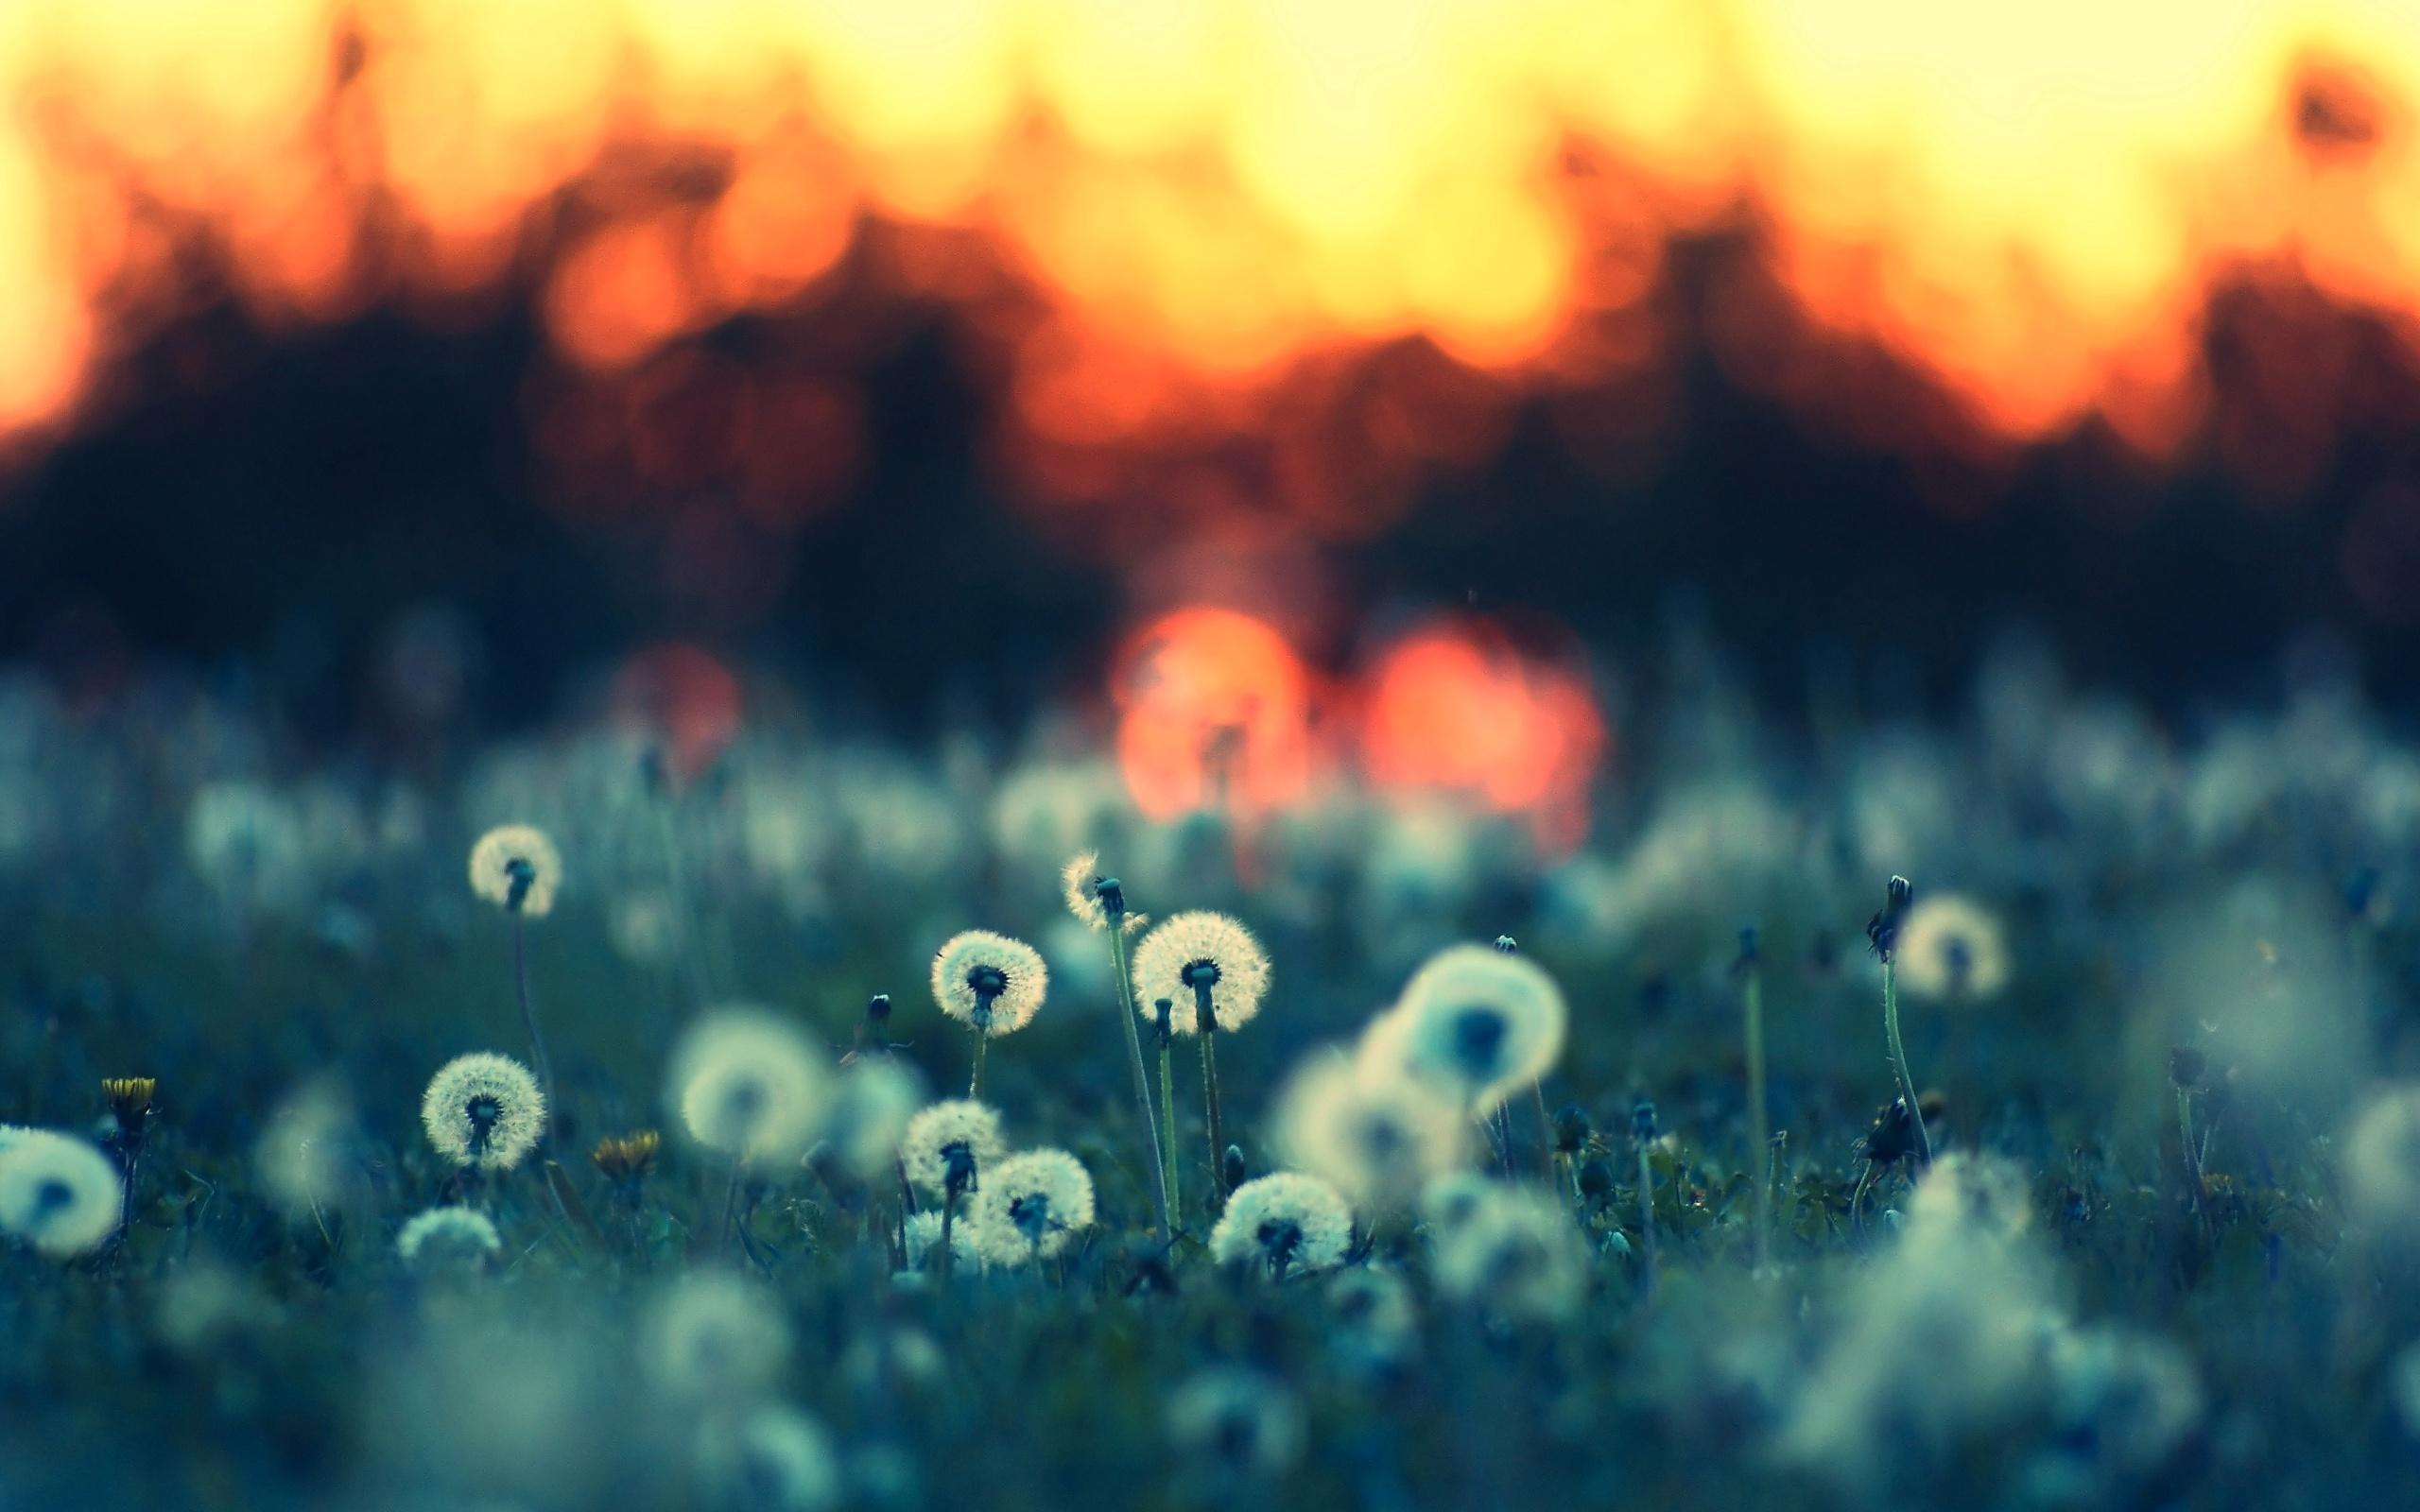 2012-mother-s-day-beautiful-flower-midsummer-meadow_2560x1600_97330.jpg